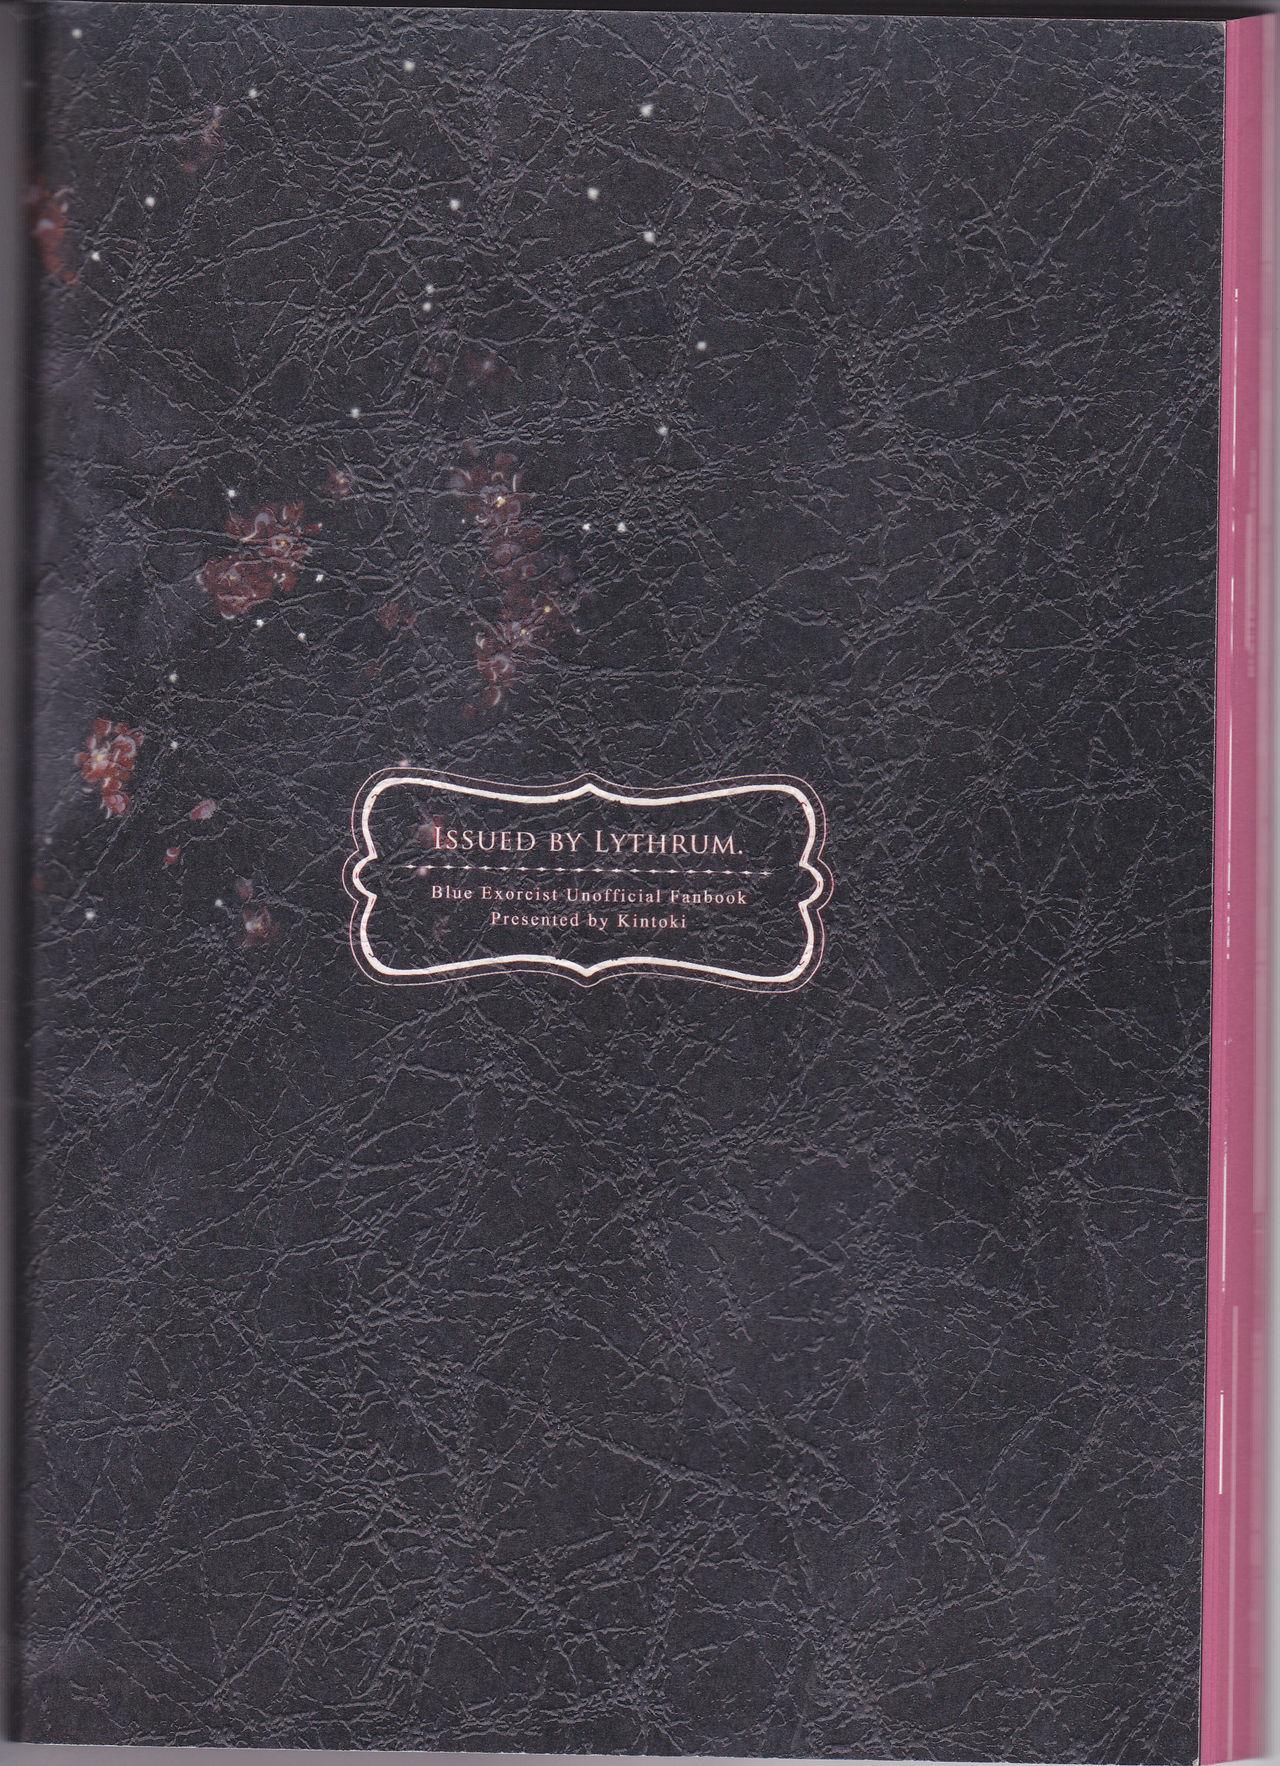 Toge hikari no navu~igātoria book 2(blue exorcist] 81